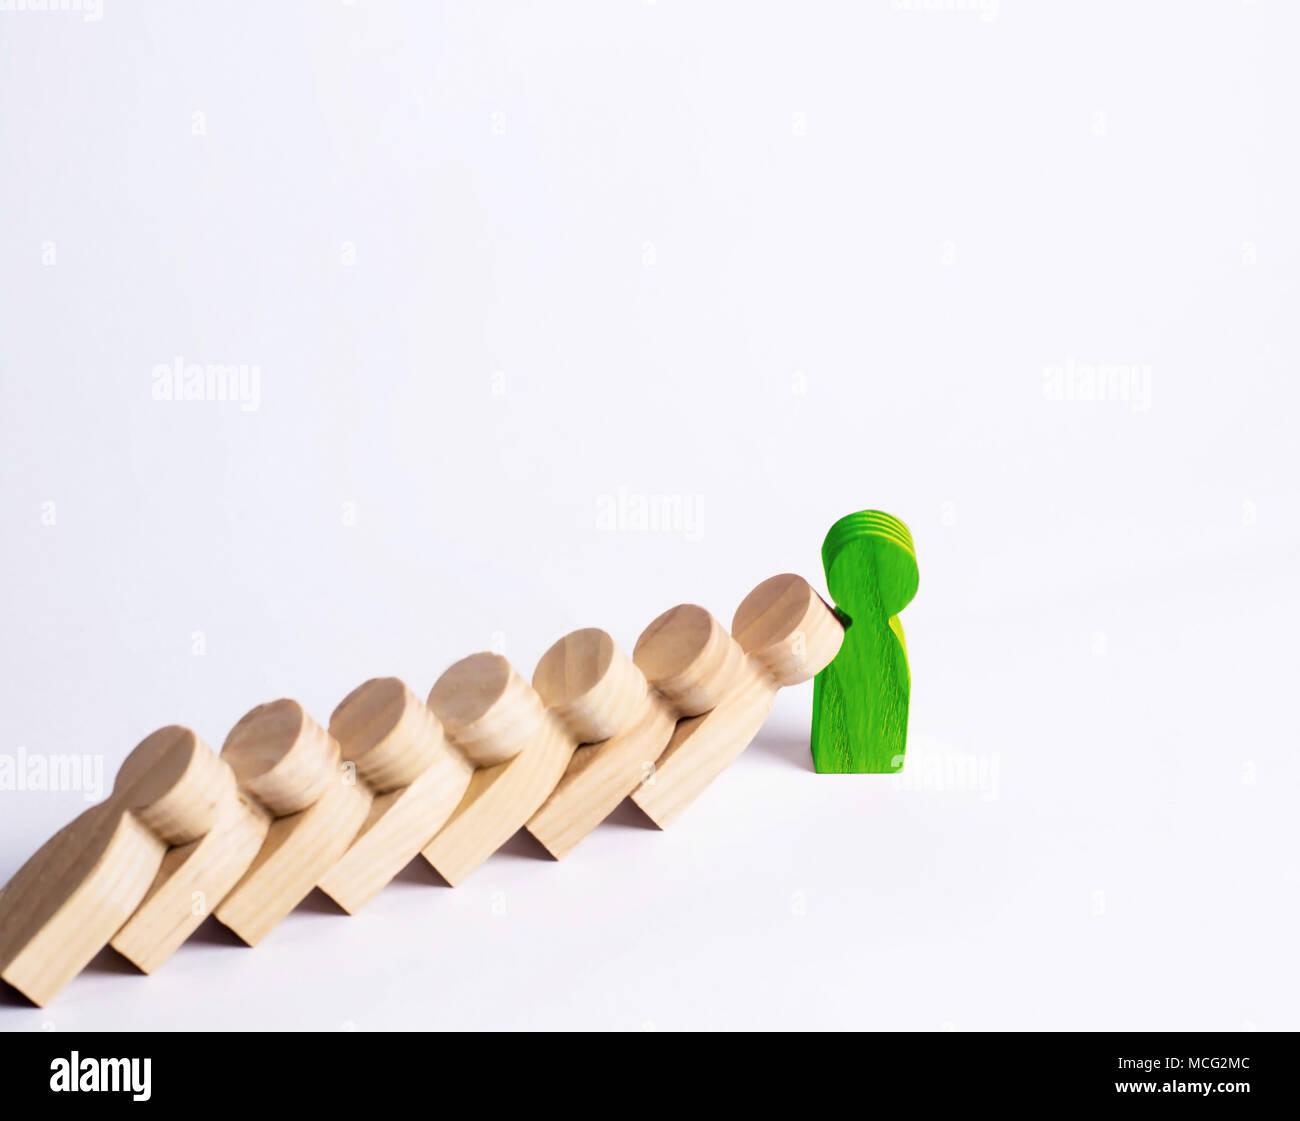 La gente en línea caen como fichas de dominó. El hombre verde detiene la caída de gente como fichas de dominó. El concepto de durabilidad y resistencia, ideas de negocio. La fuerza de voluntad, Imagen De Stock